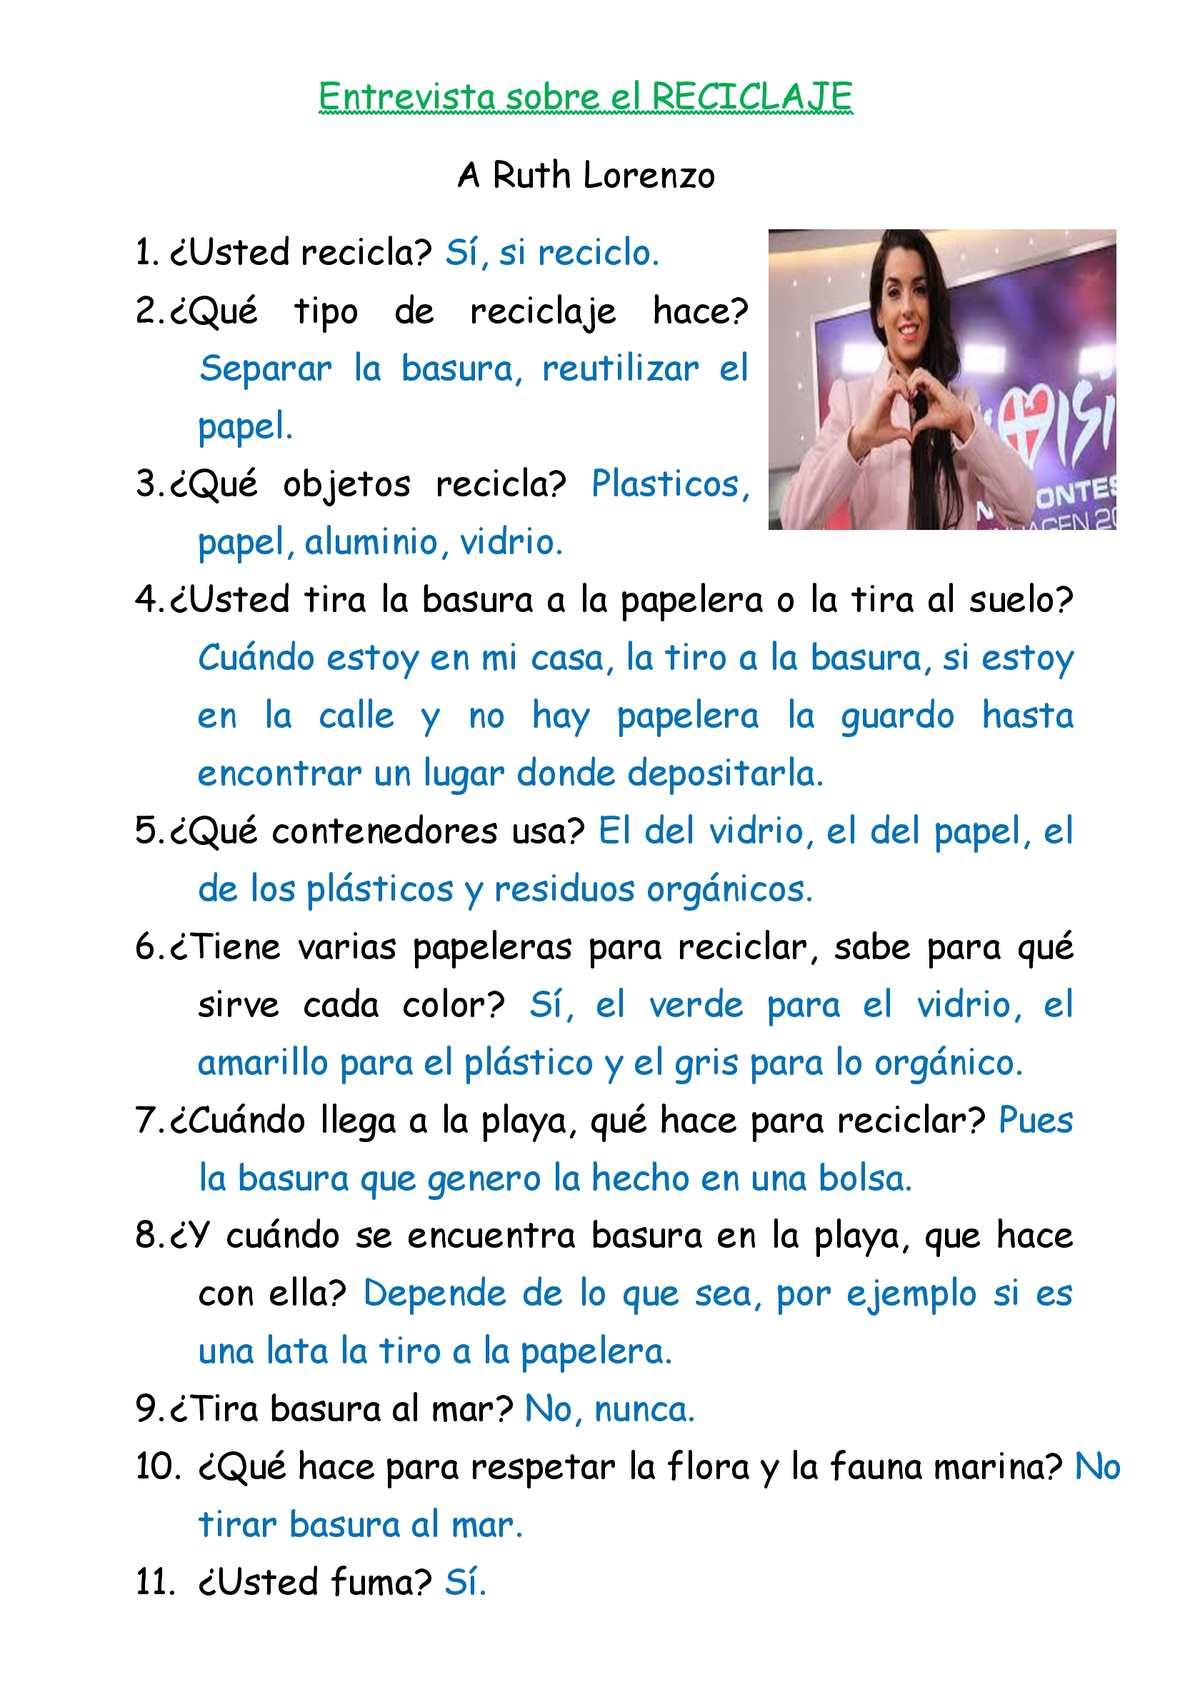 Calaméo Entrevista Sobre El Reciclaje Ruth Lorenzo